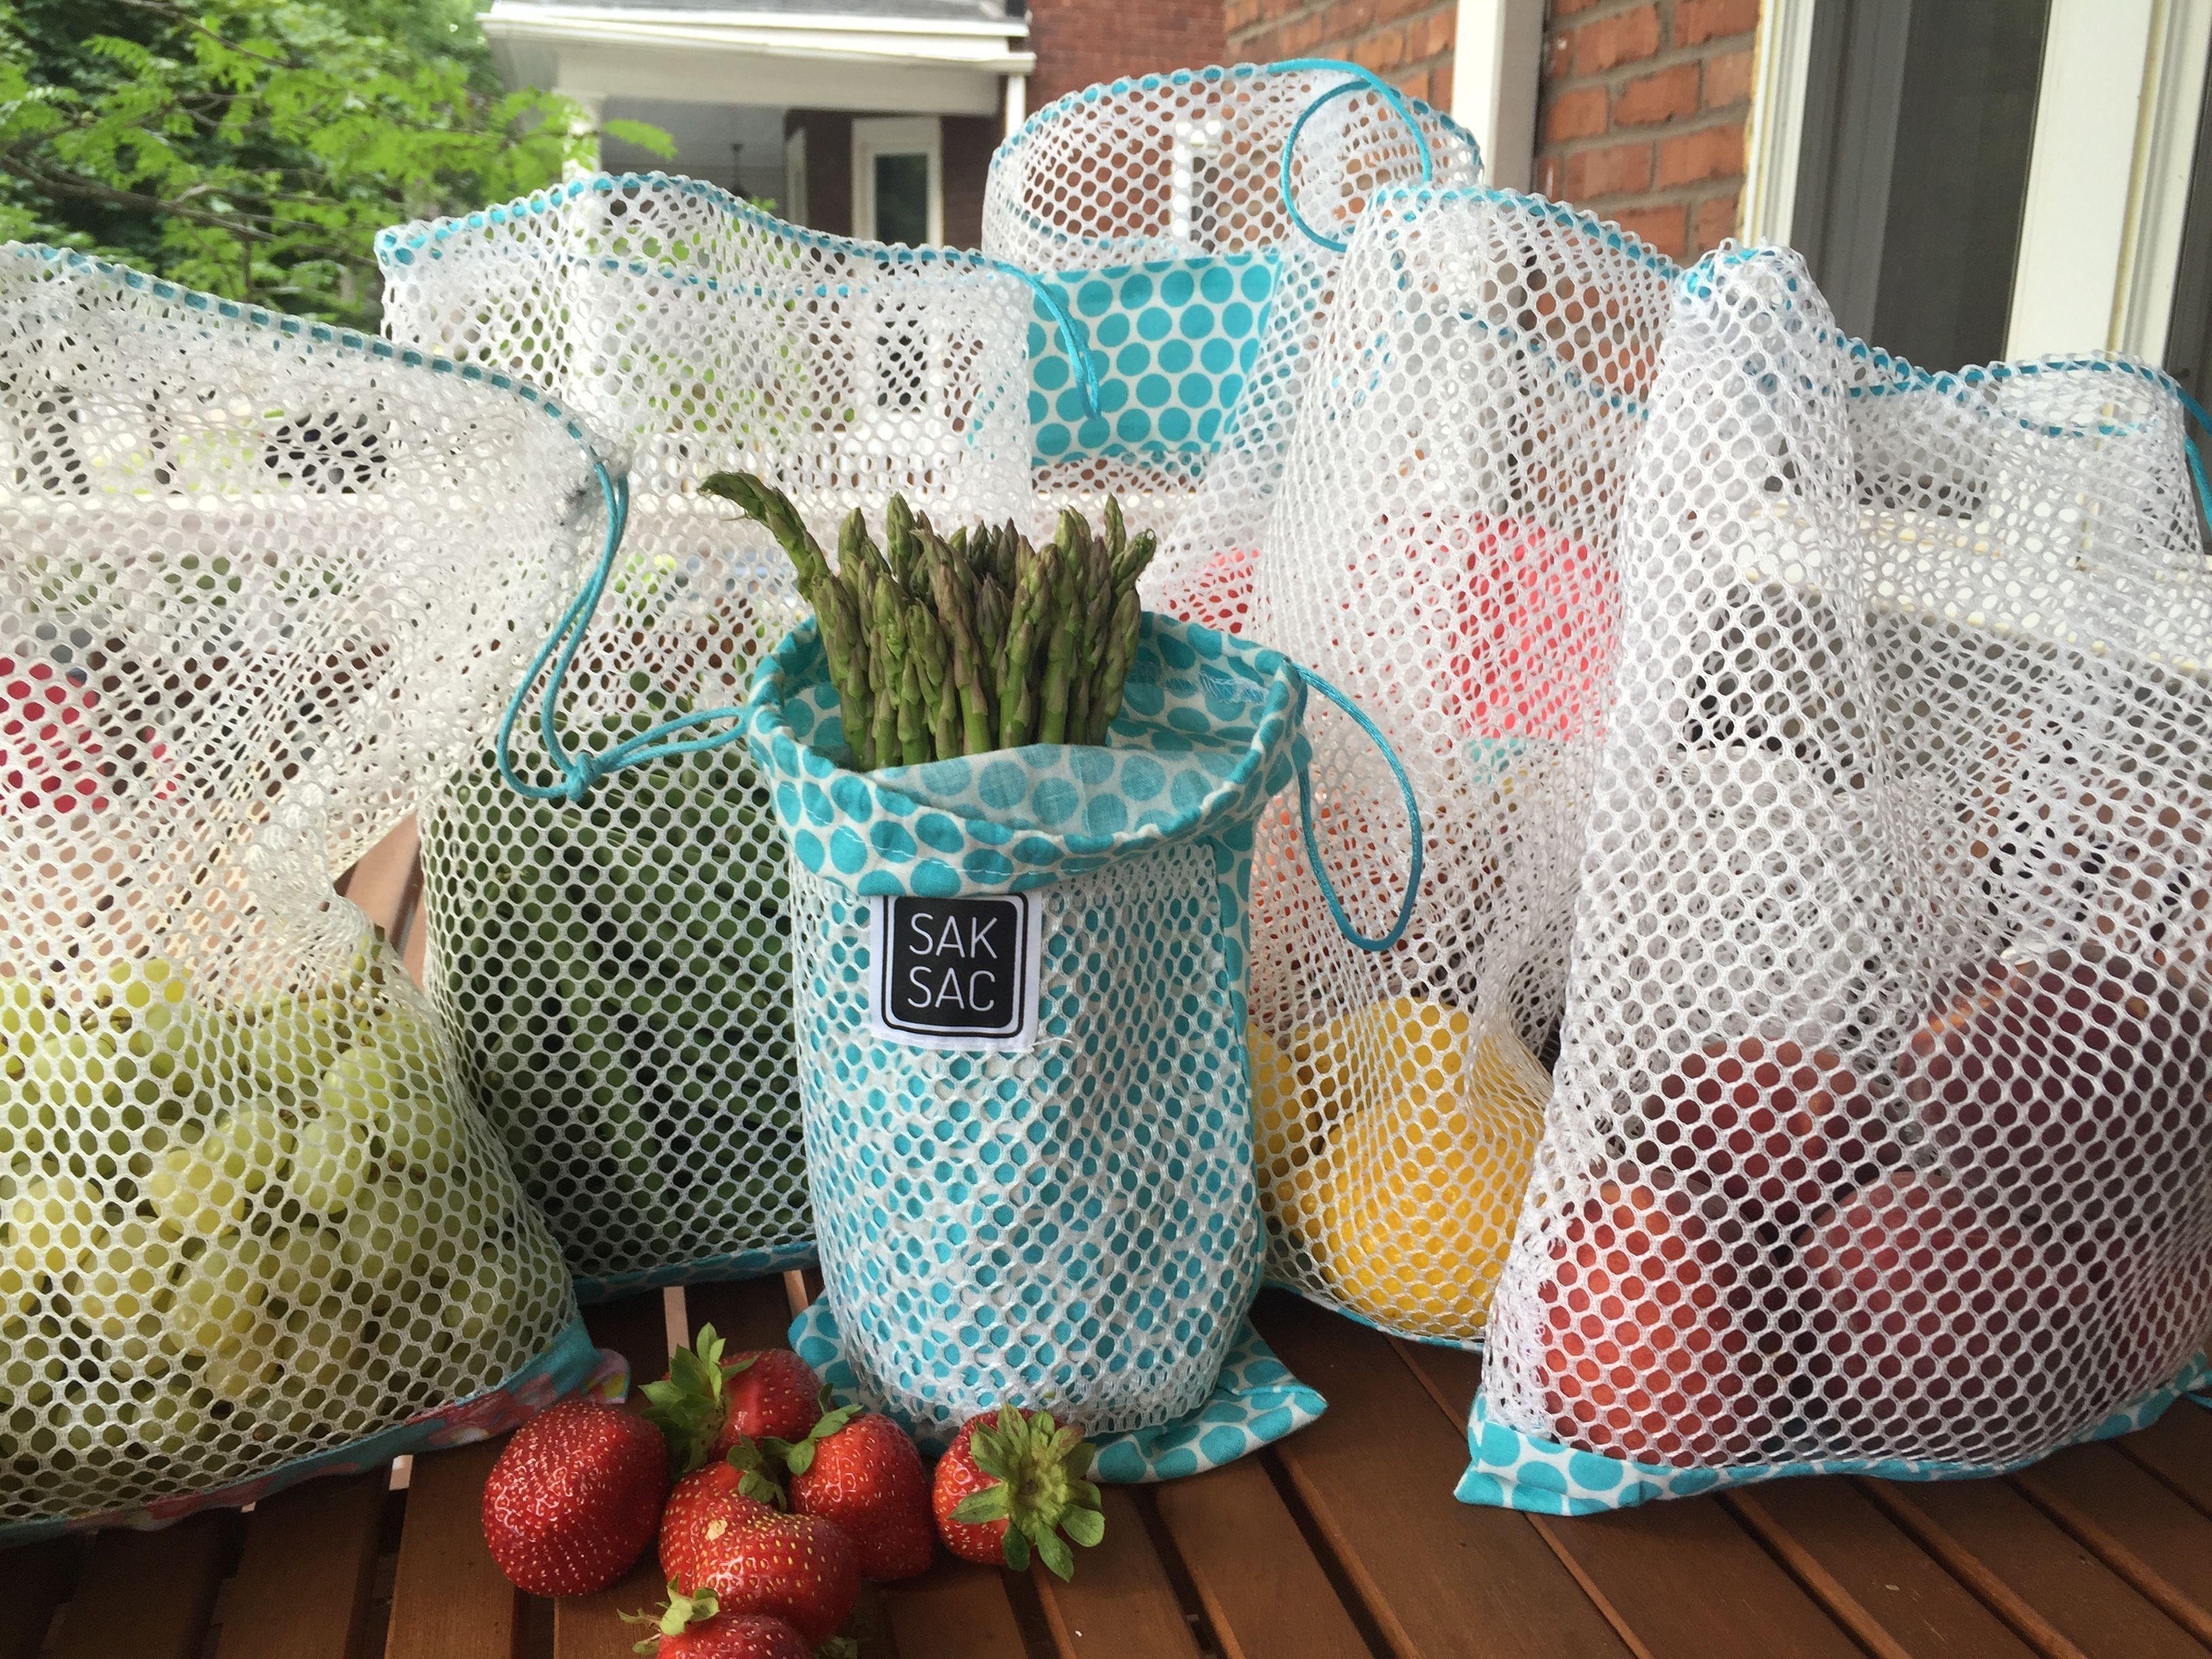 sacs r utilisables pour le vrac les fruits et les l gumes stand bio pinterest les. Black Bedroom Furniture Sets. Home Design Ideas